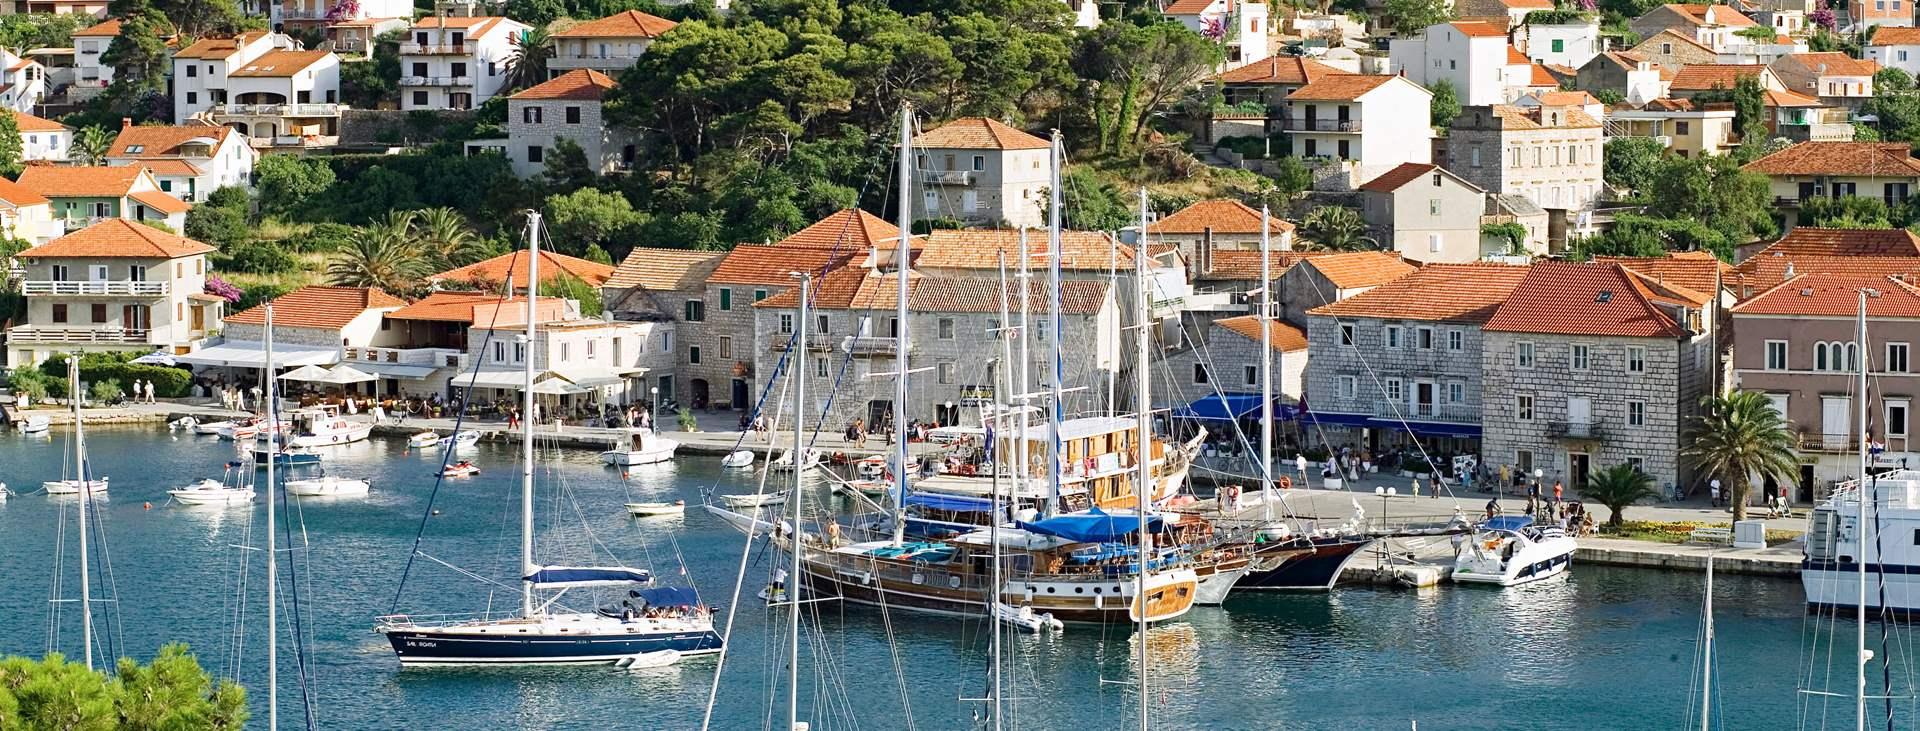 Resor till Jelsa på ön Hvar i Kroatien